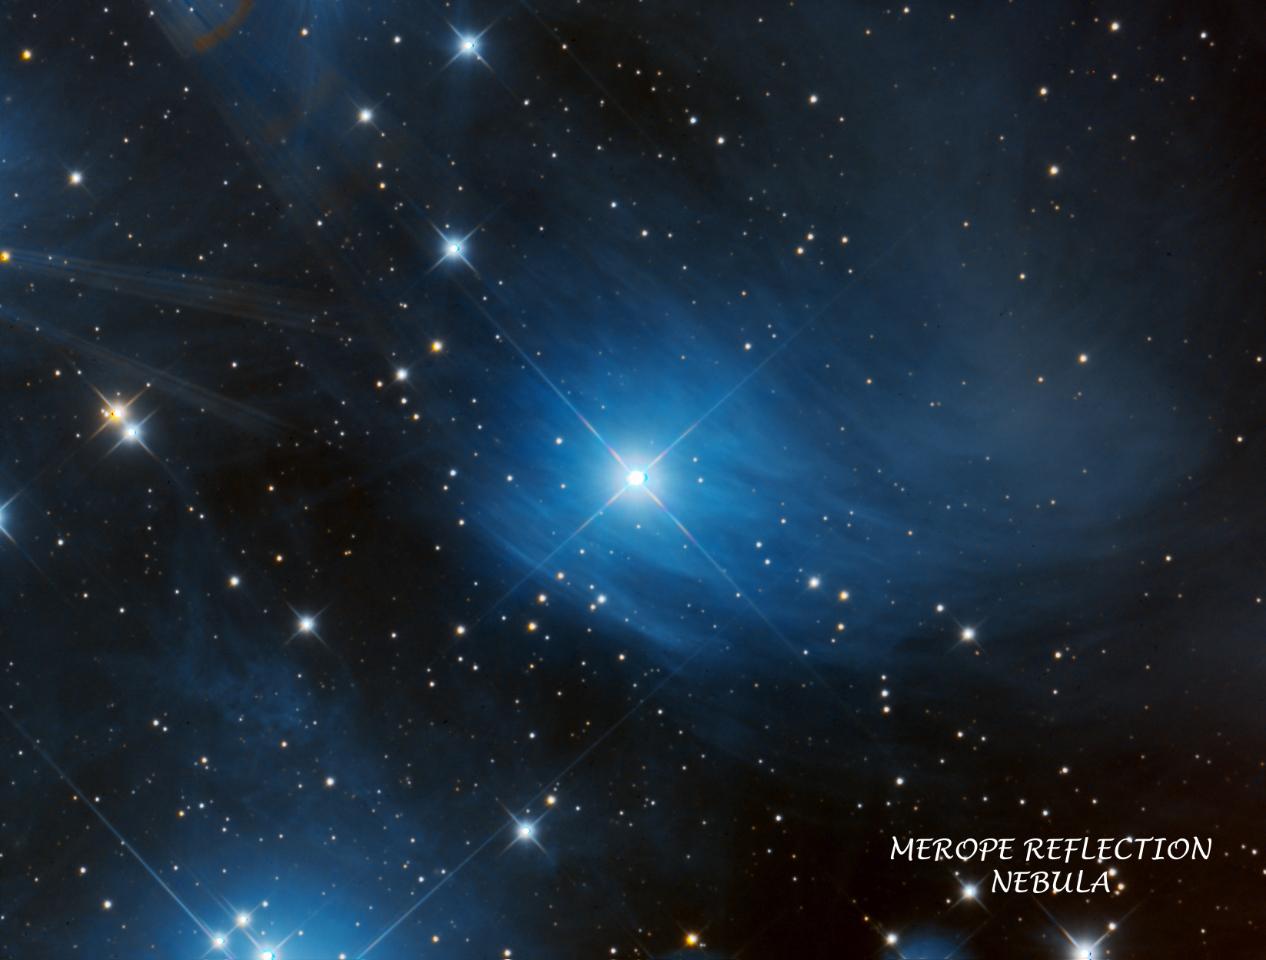 Merope Nebula (M45)